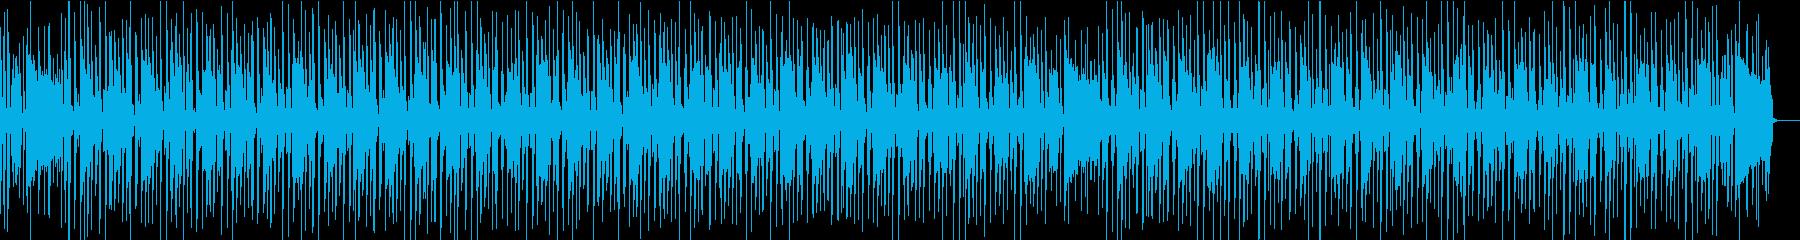 ウキウキ軽快な生演奏ファンク/製品紹介の再生済みの波形